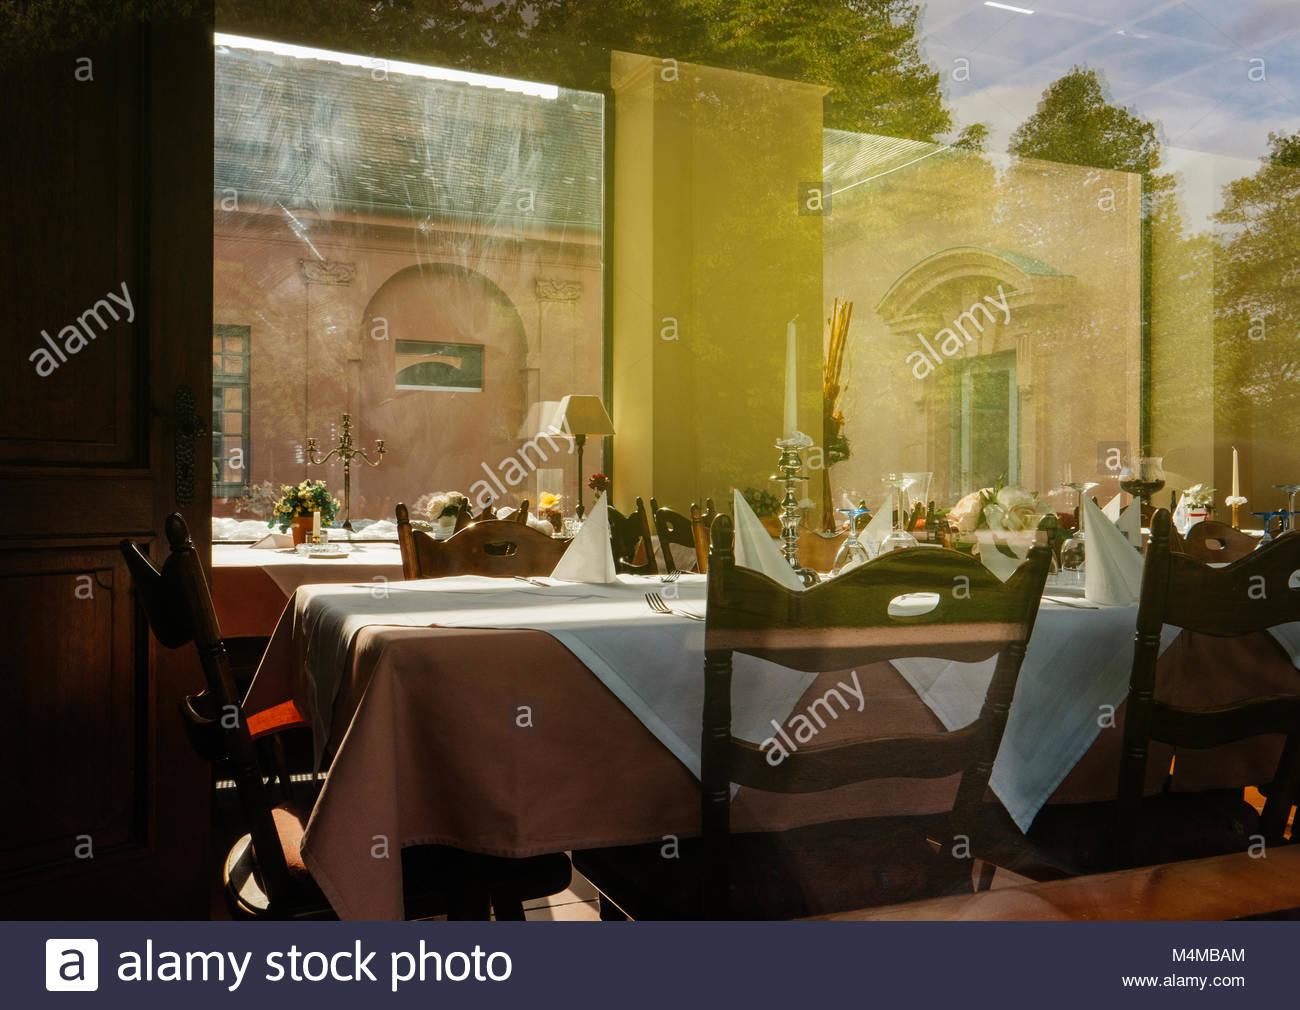 Table vide dans le prêt pour des repas Photo Stock